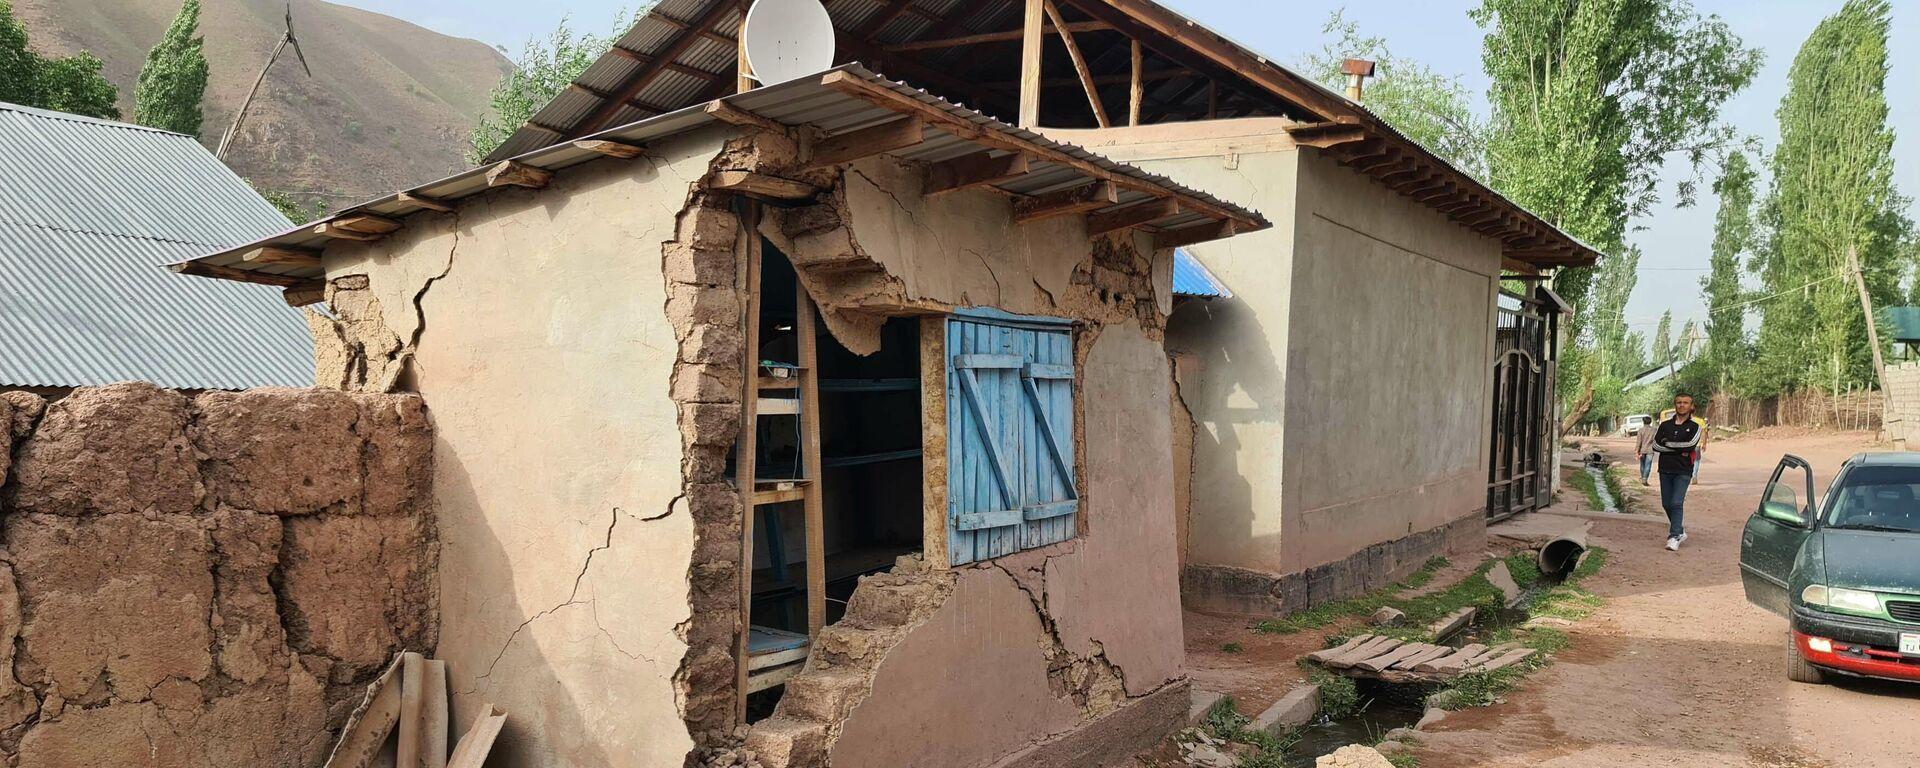 Последствия землетрясения в Лангари Шох - Sputnik Таджикистан, 1920, 11.07.2021